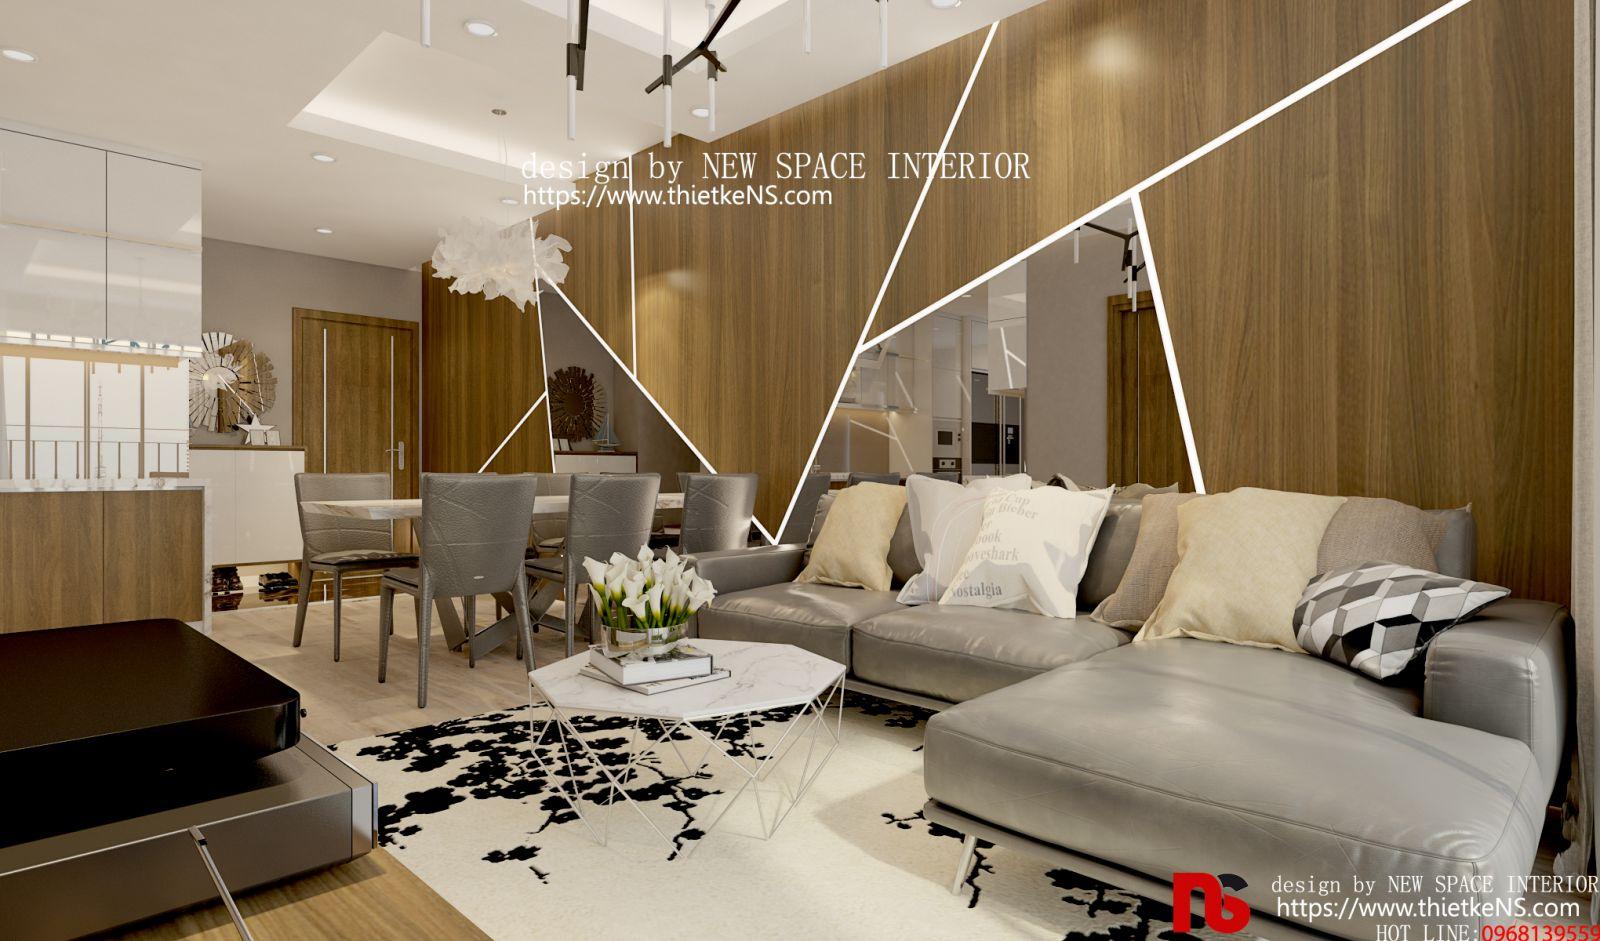 Thiết kế nội thất chung cư khu vựcphong khách